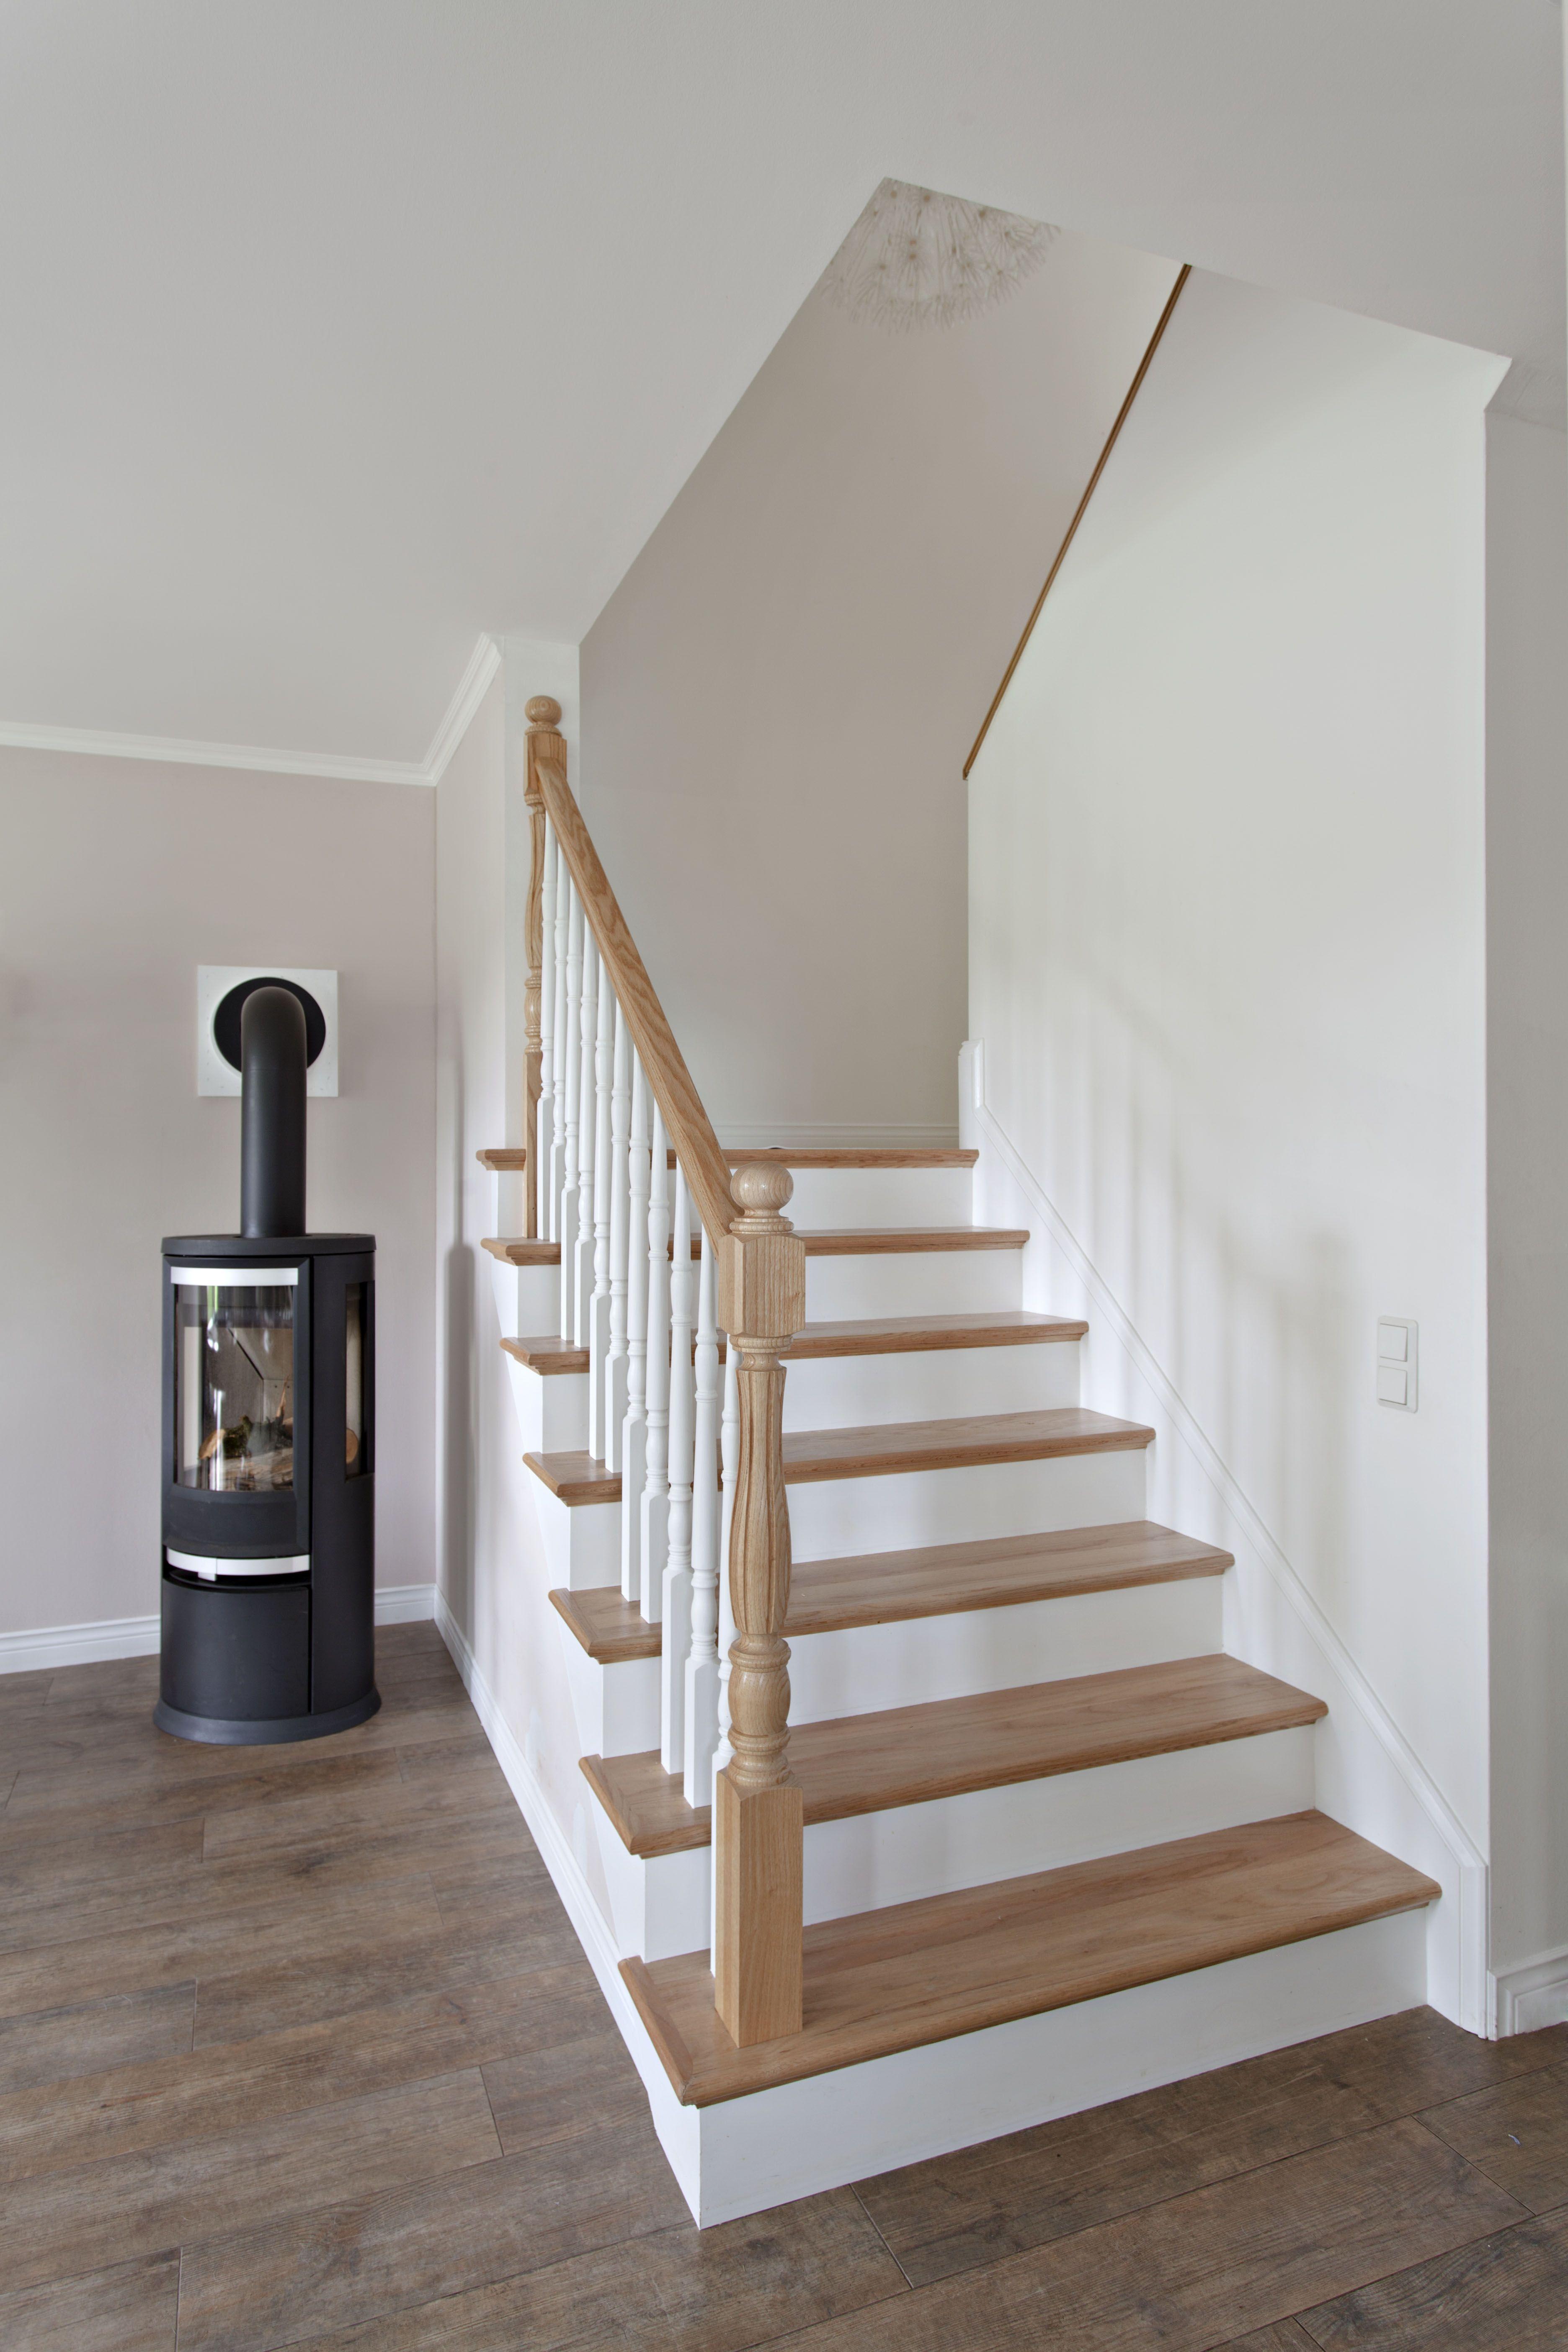 Diese Treppe Hat Gedrechselte, Teilweise Offene Geländerstäbe Und Als  Abschluss Ein Gedrechselter Pfosten In Eiche